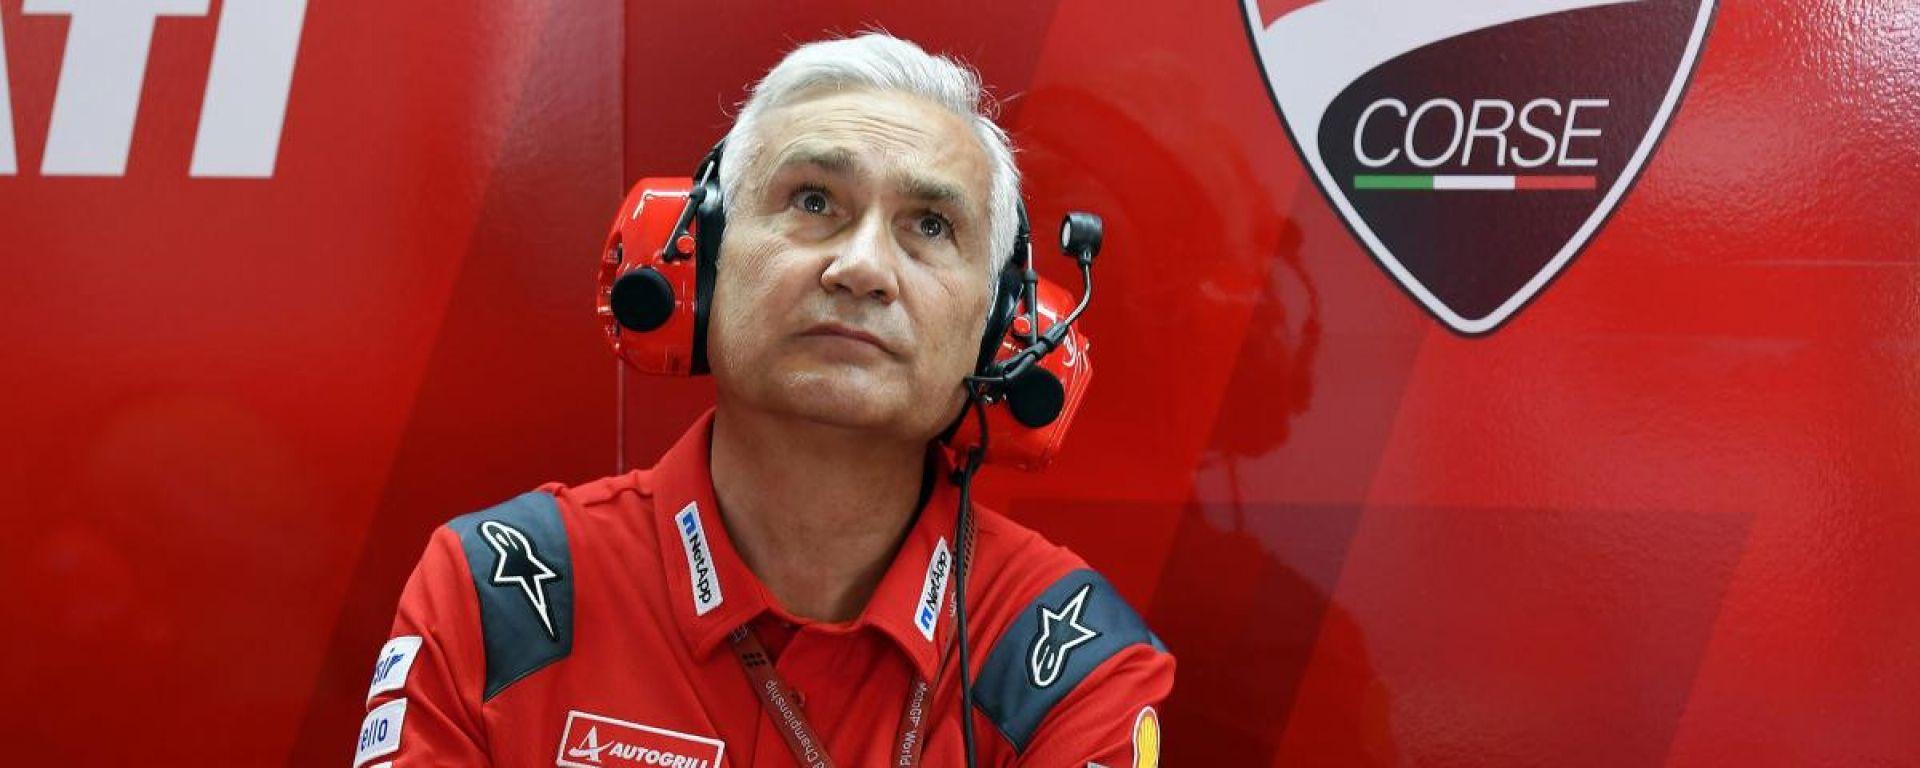 Davide Tardozzi (Ducati Corse)